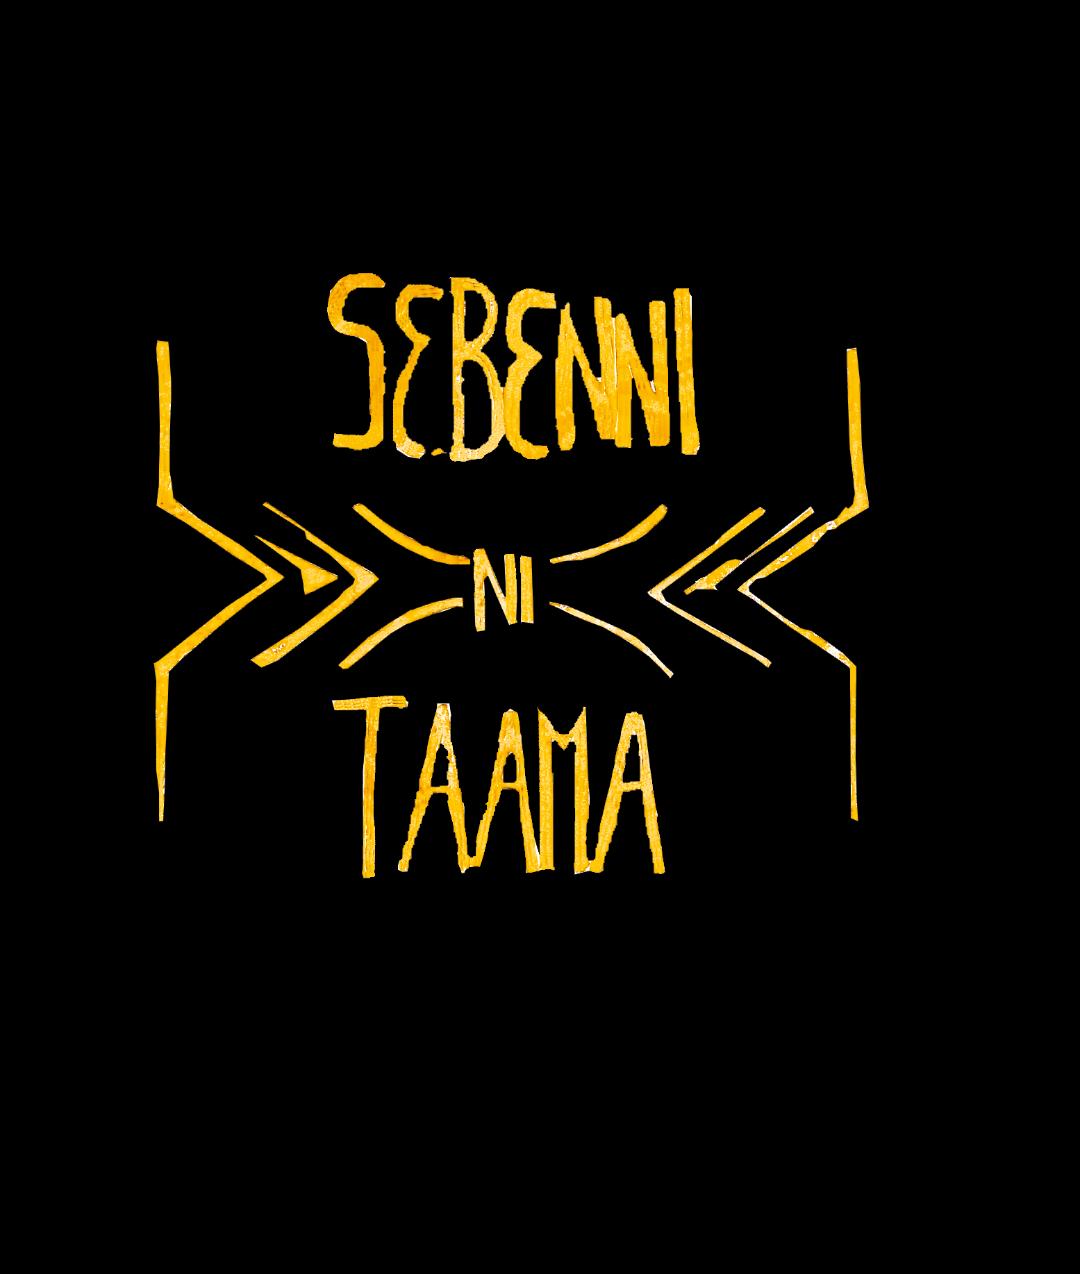 Sɛbɛnni Ni Taama